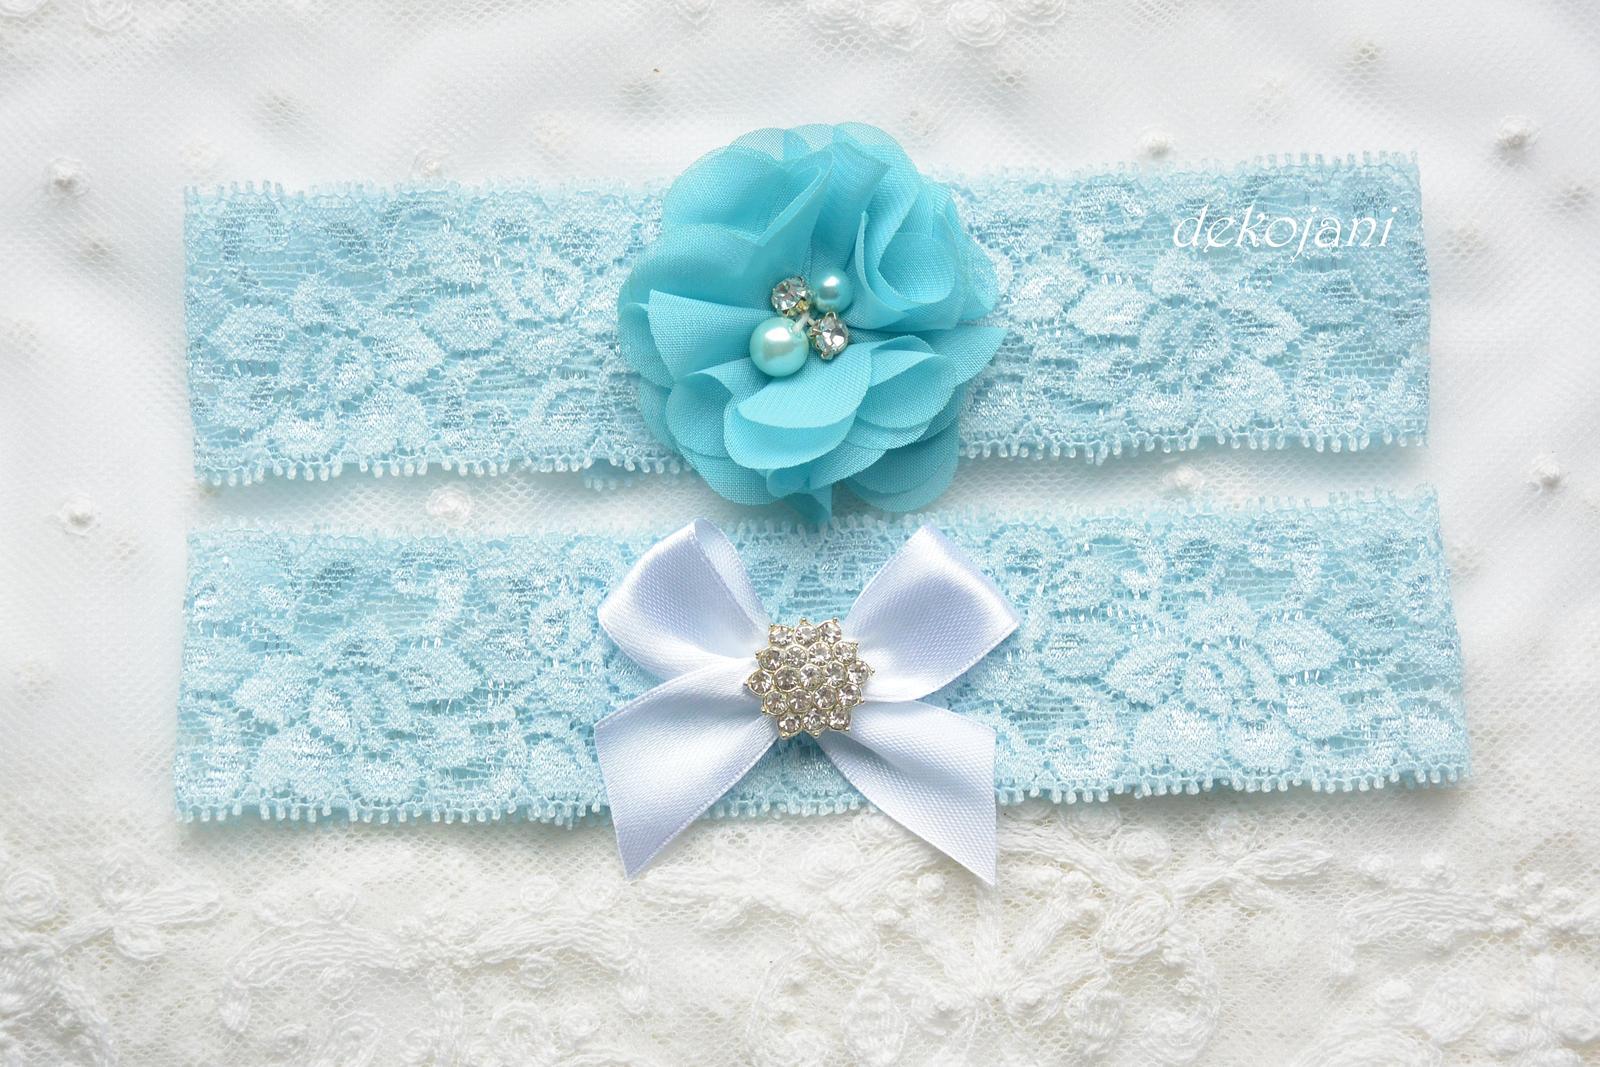 Luxusní svatební doplňky a dekorace. - Obrázek č. 12